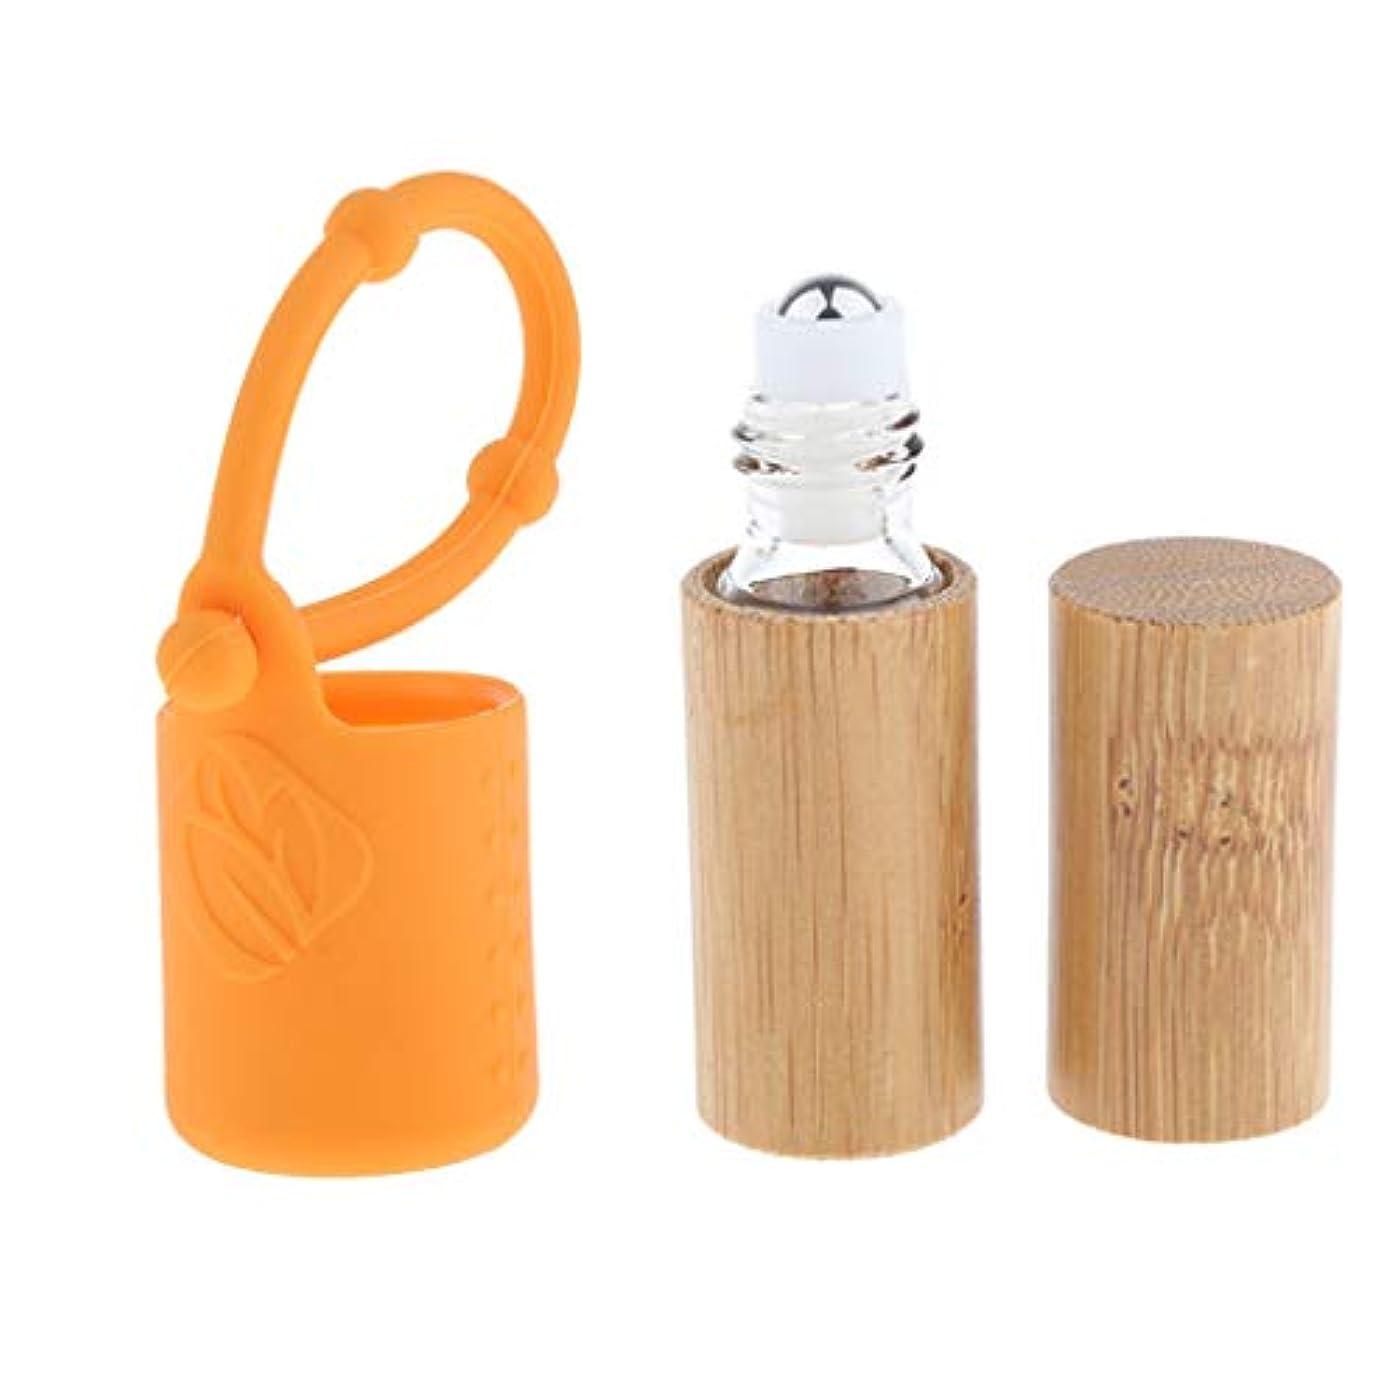 ダーベビルのテス細いポータルBaoblaze 空のエッセンシャルオイル 精油瓶 香水瓶 竹ボトル 詰め替え カバースリーブ 吊り掛け